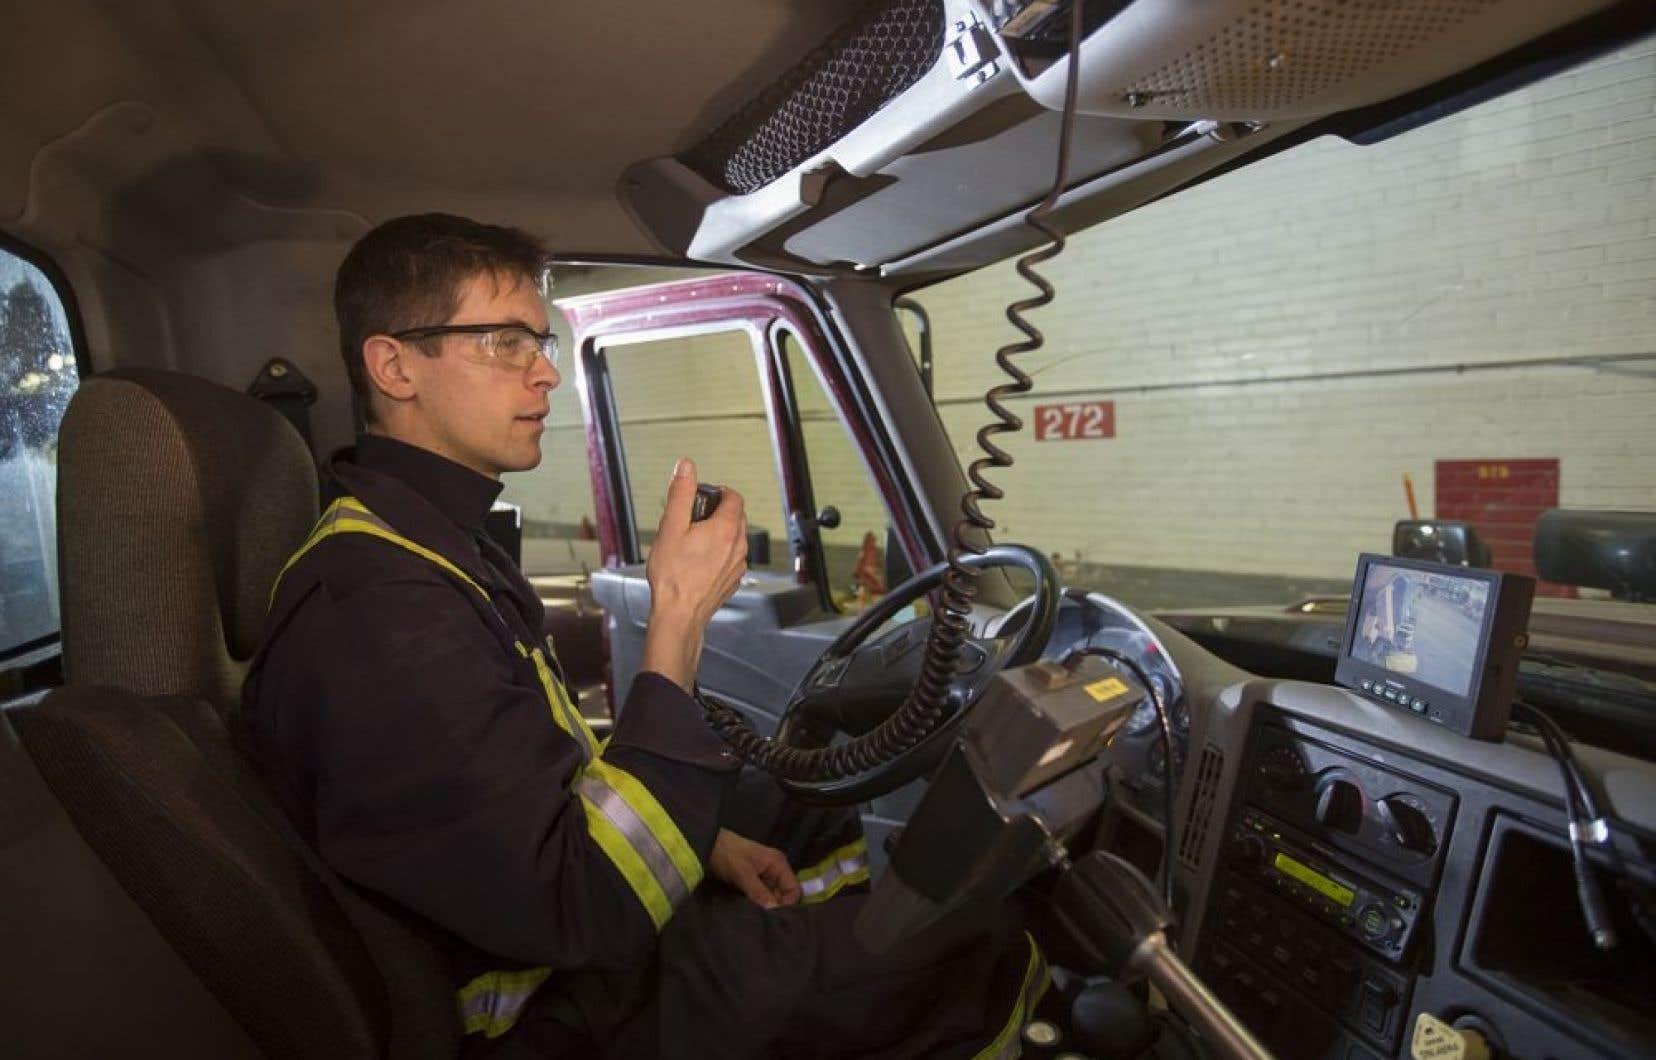 Le mécanicien Steve Guilbeault dans la cabine de son véhicule démontre comment la présence des caméras change la visibilité des camionneurs de façon spectaculaire.